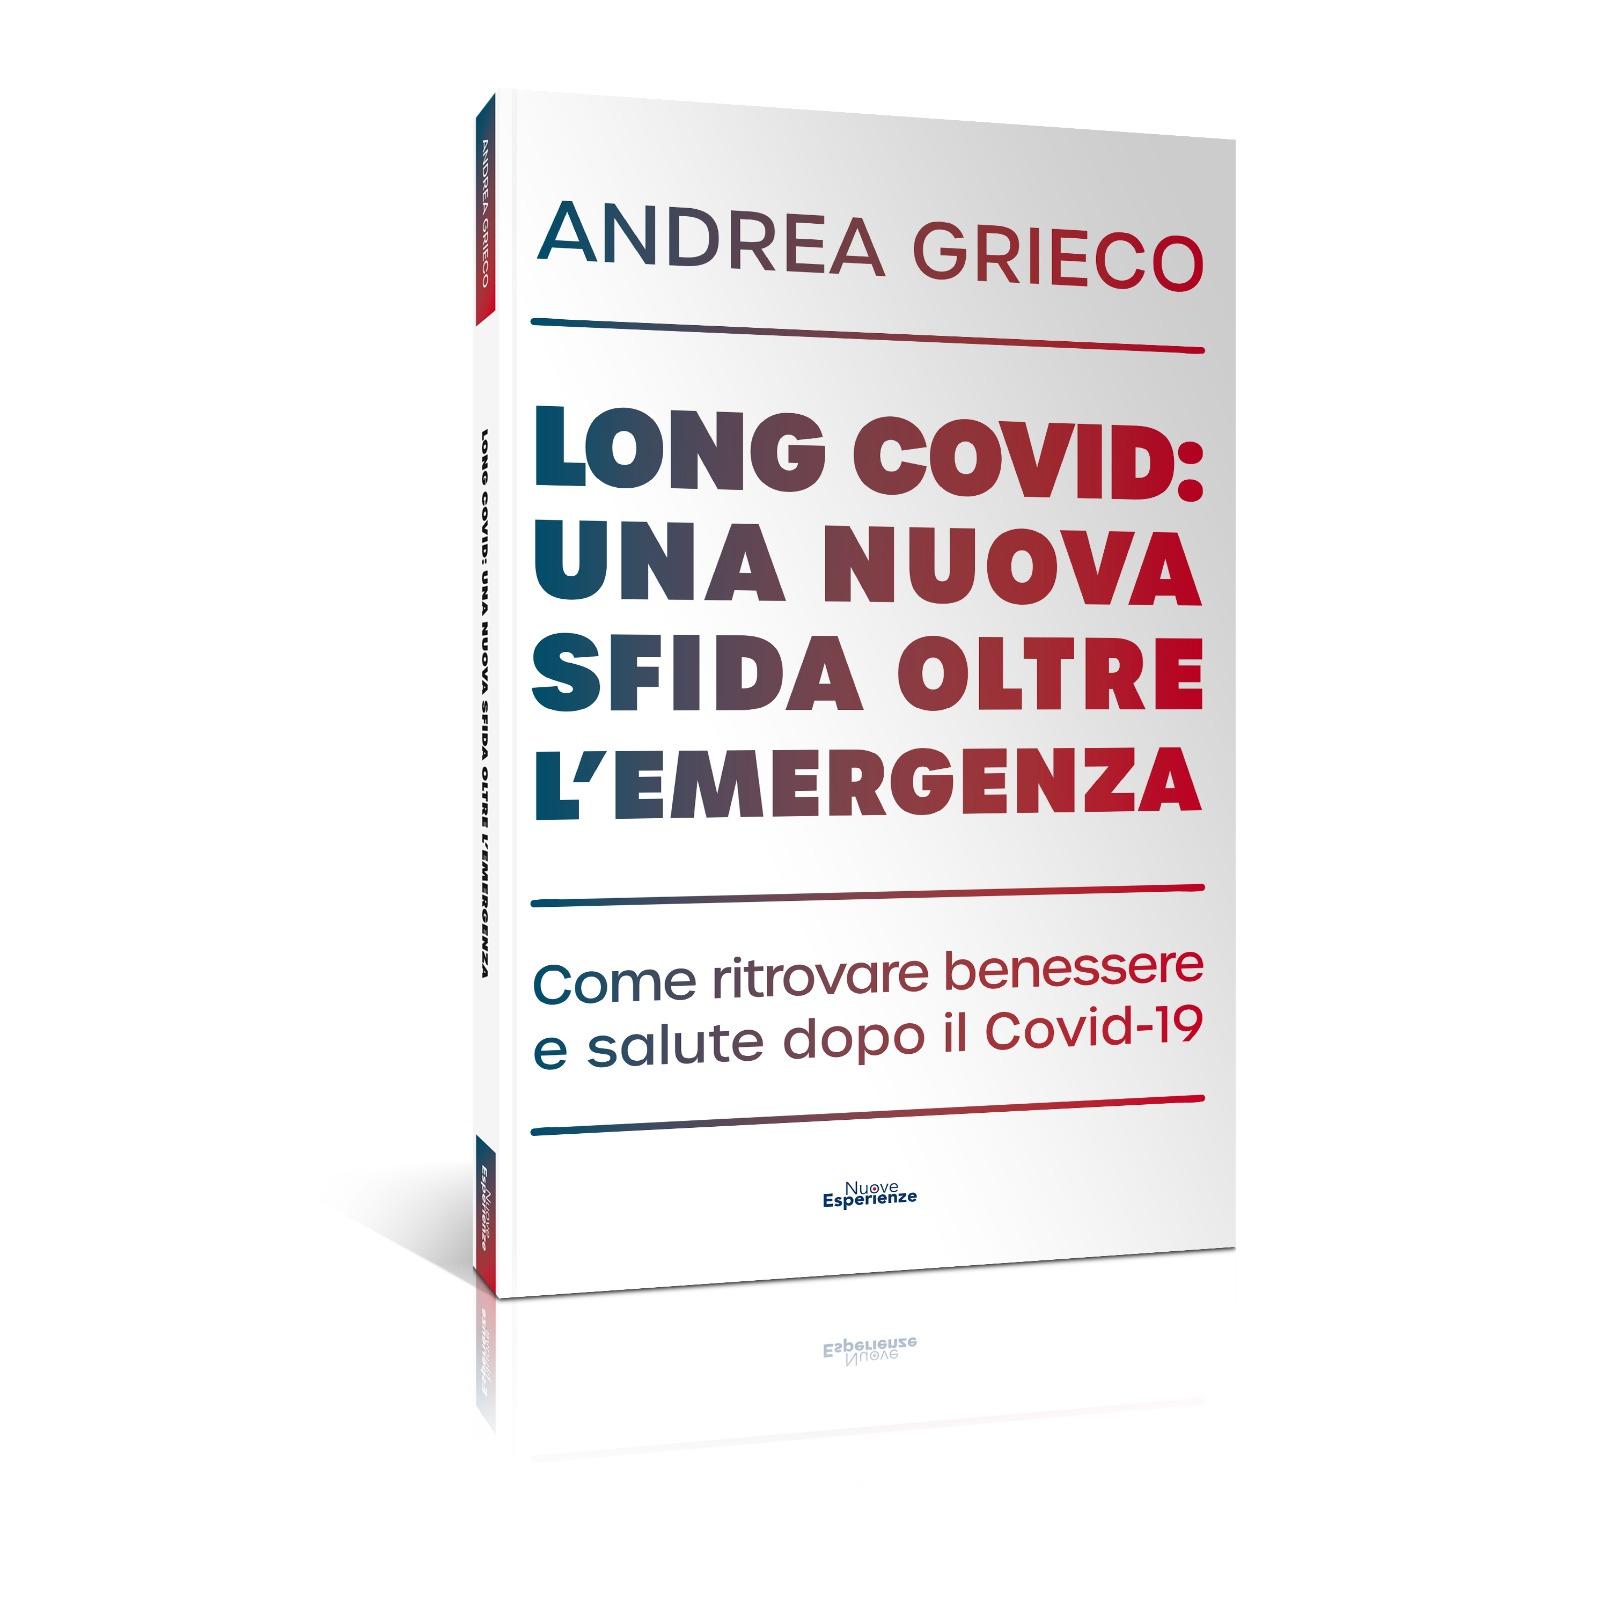 Copertina libro Long Covid: una nuova sfida oltre l'emergenza